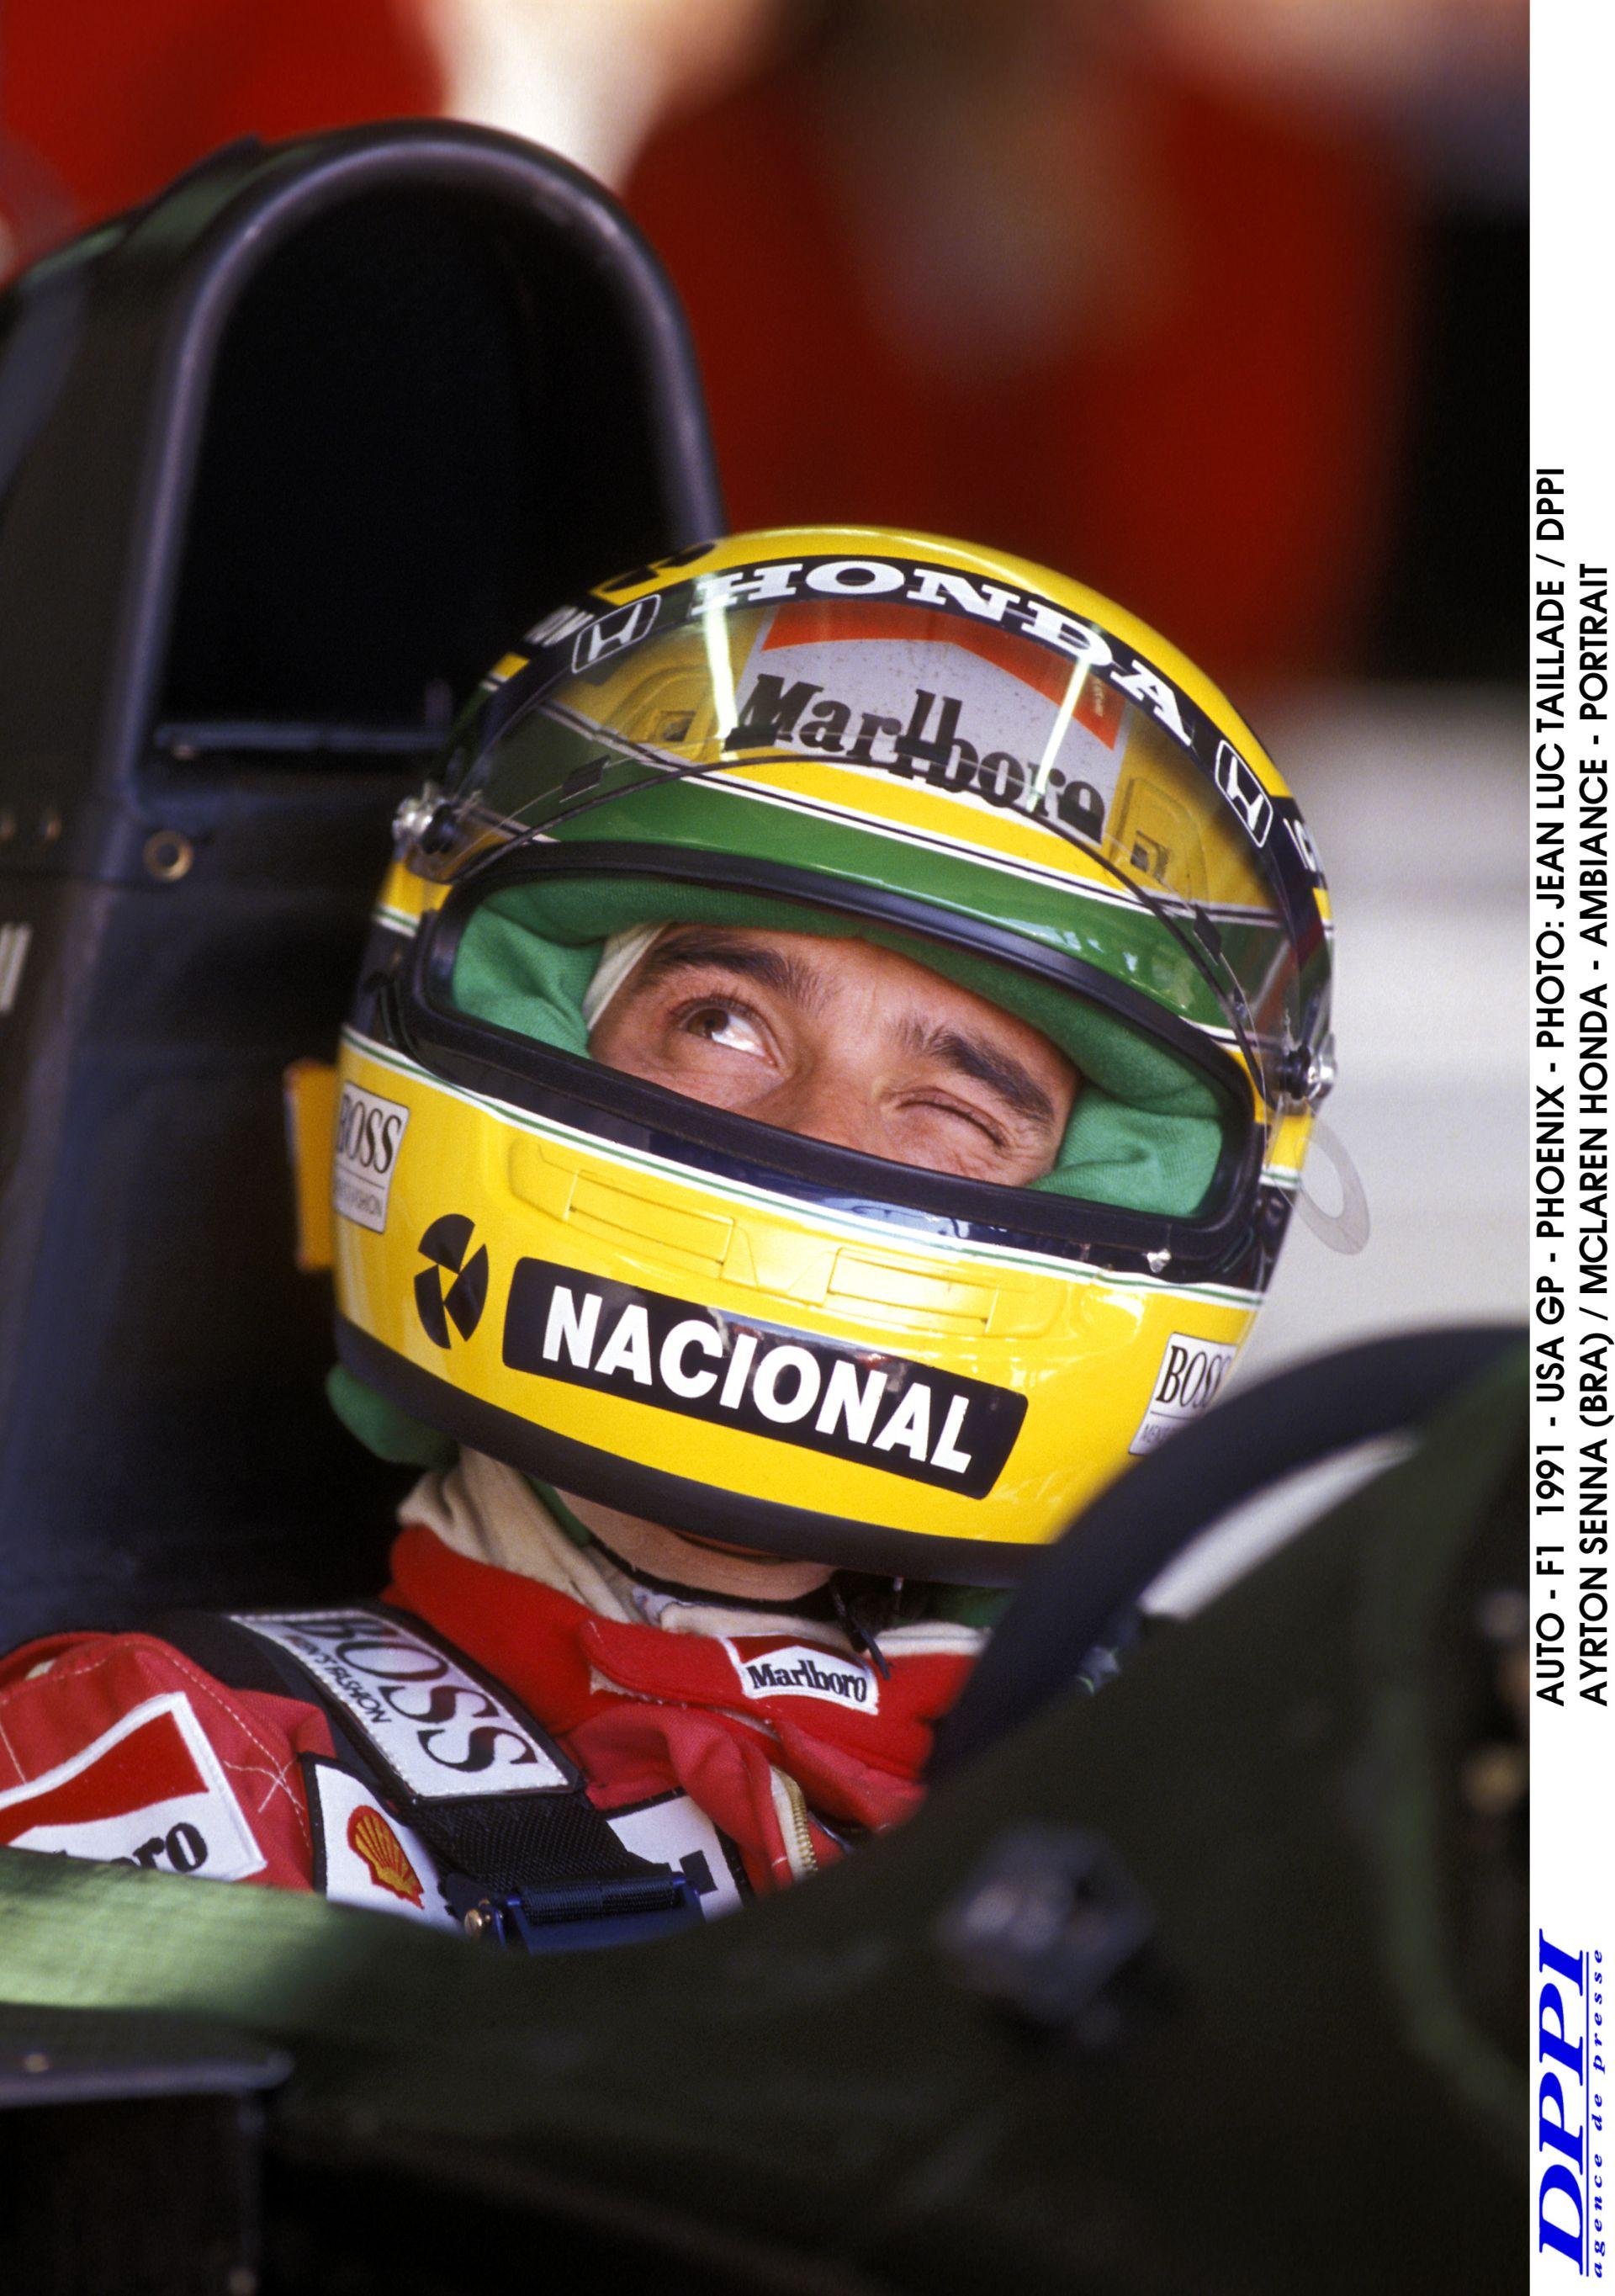 Ayrton Senna és a belga rekord – 1991, Belgium